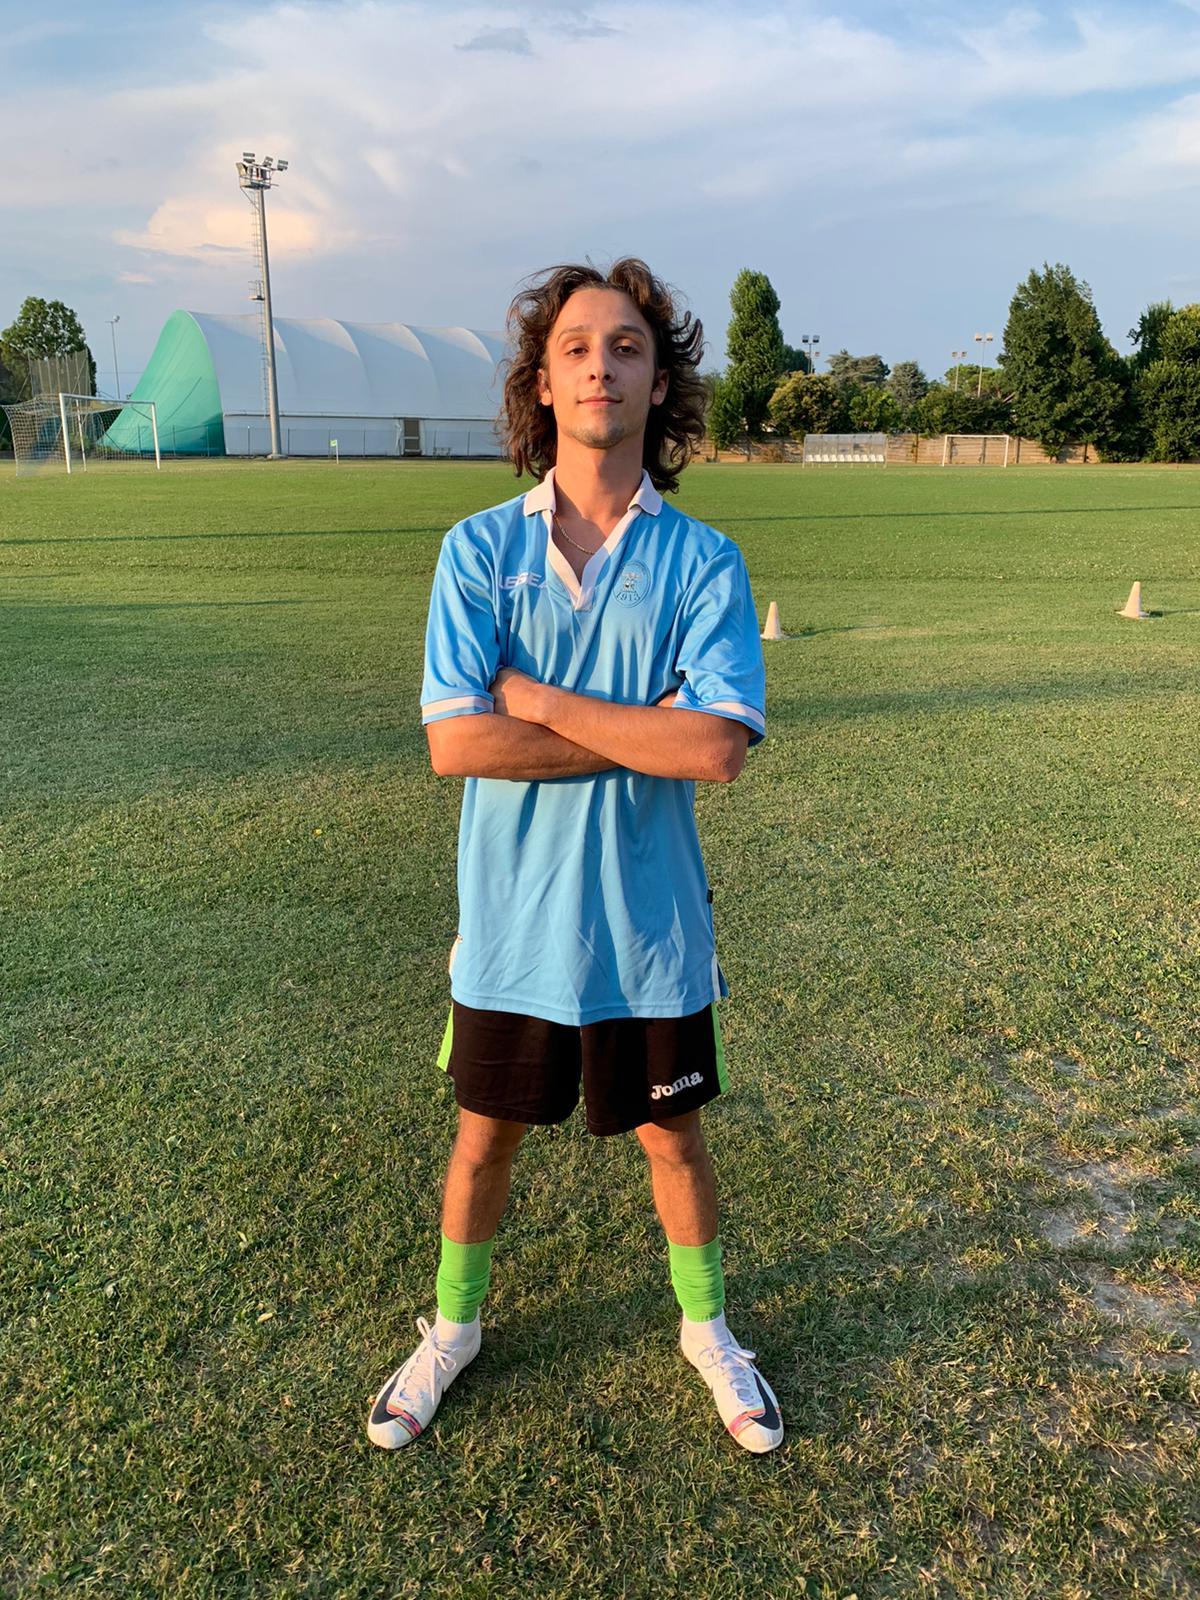 Luca Bonomo